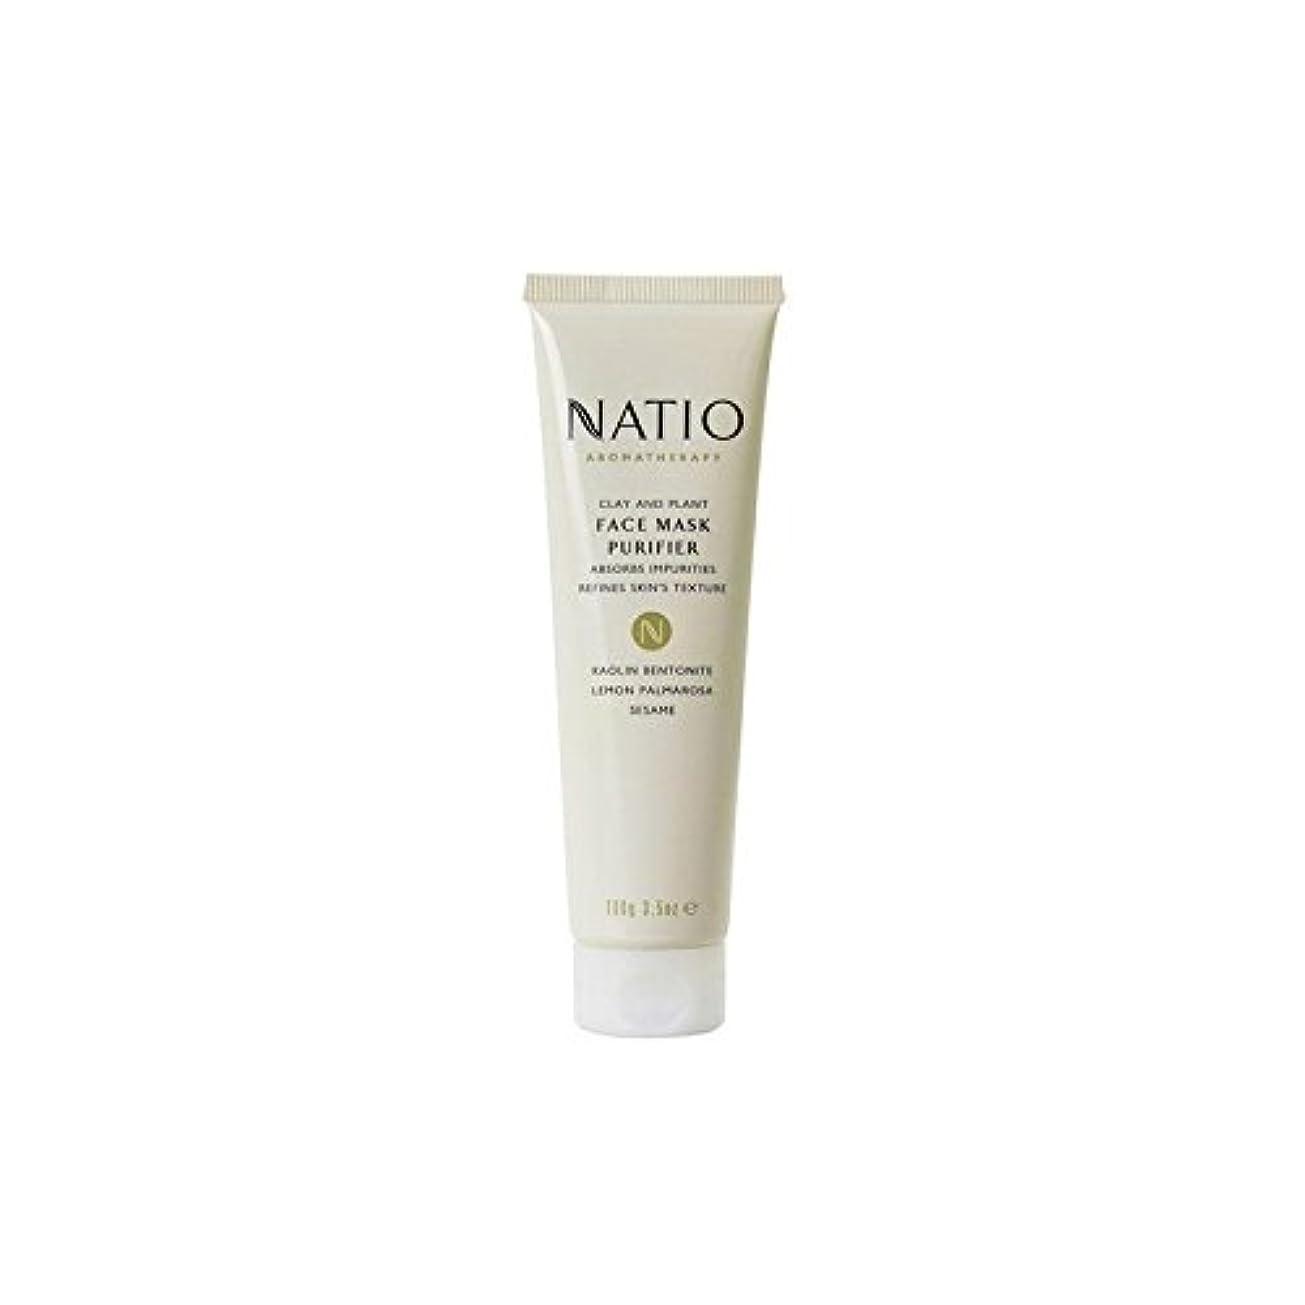 ポーン冬刈り取るNatio Clay & Plant Face Mask Purifier (100G) - 粘土&植物フェイスマスクの浄化(100グラム) [並行輸入品]